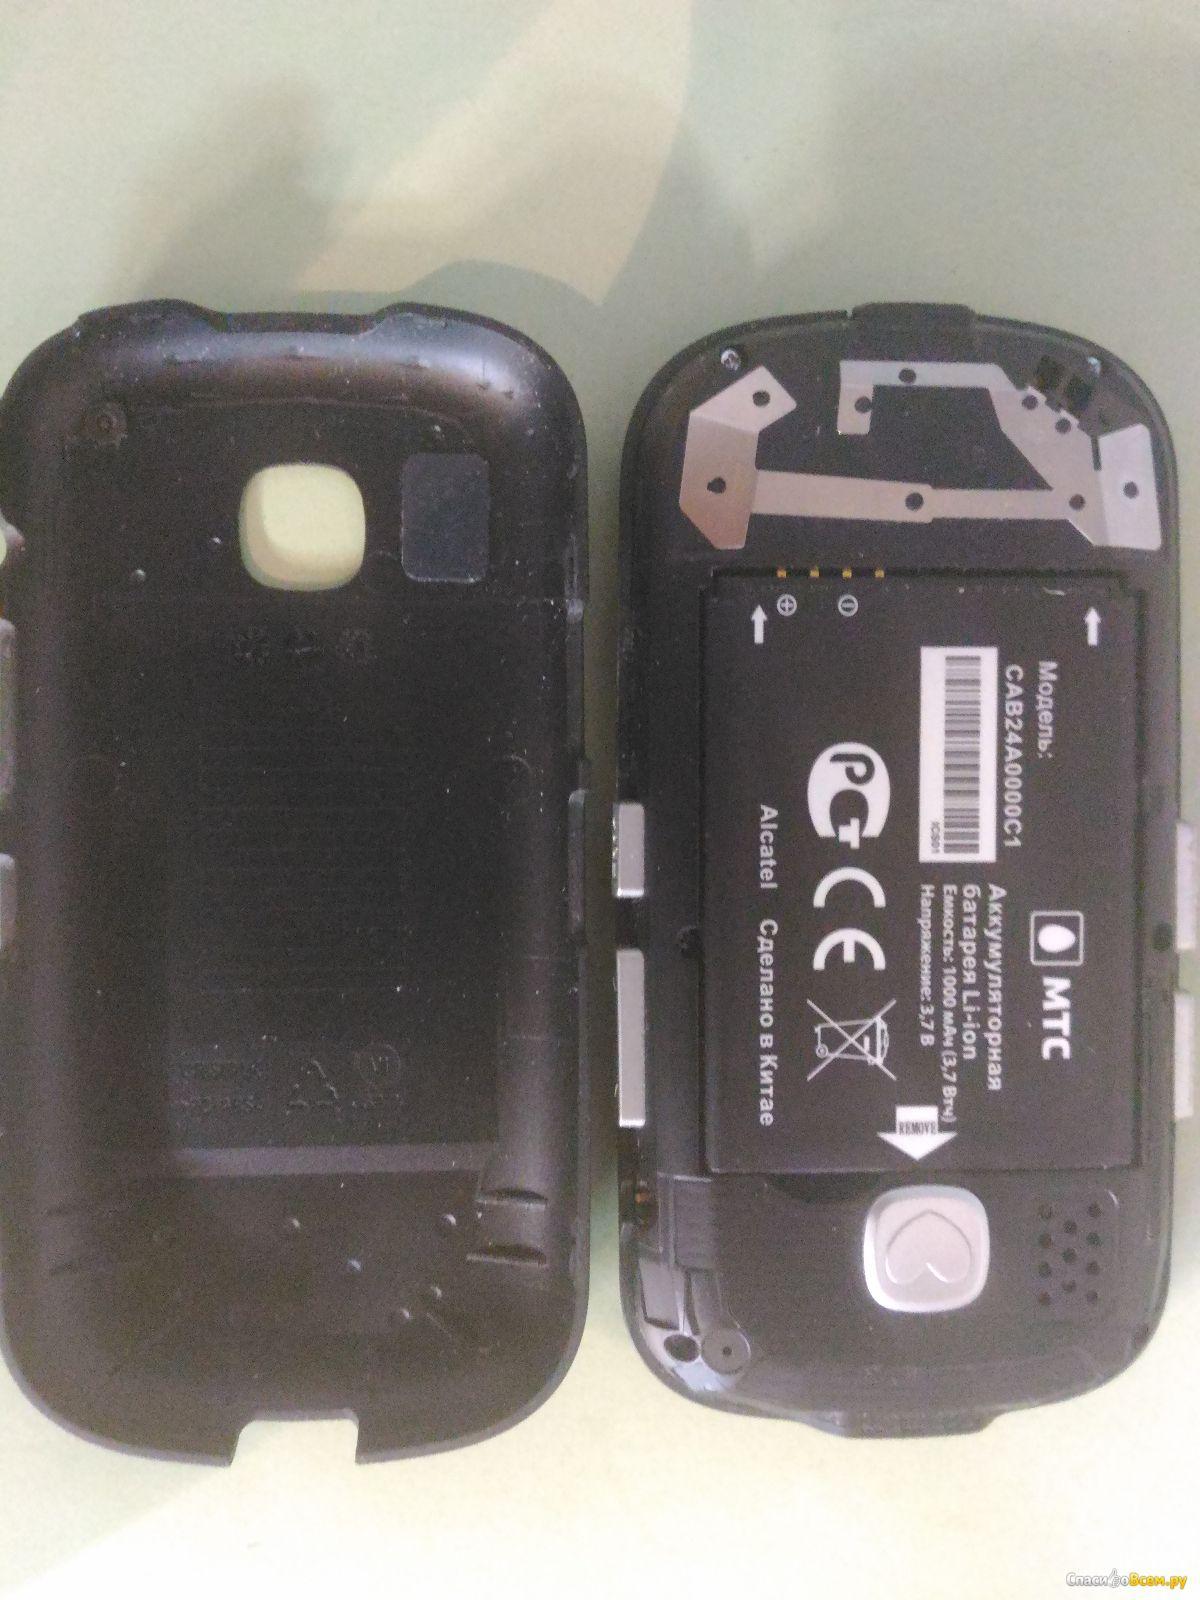 руководство к мобильному телефону мтс-972